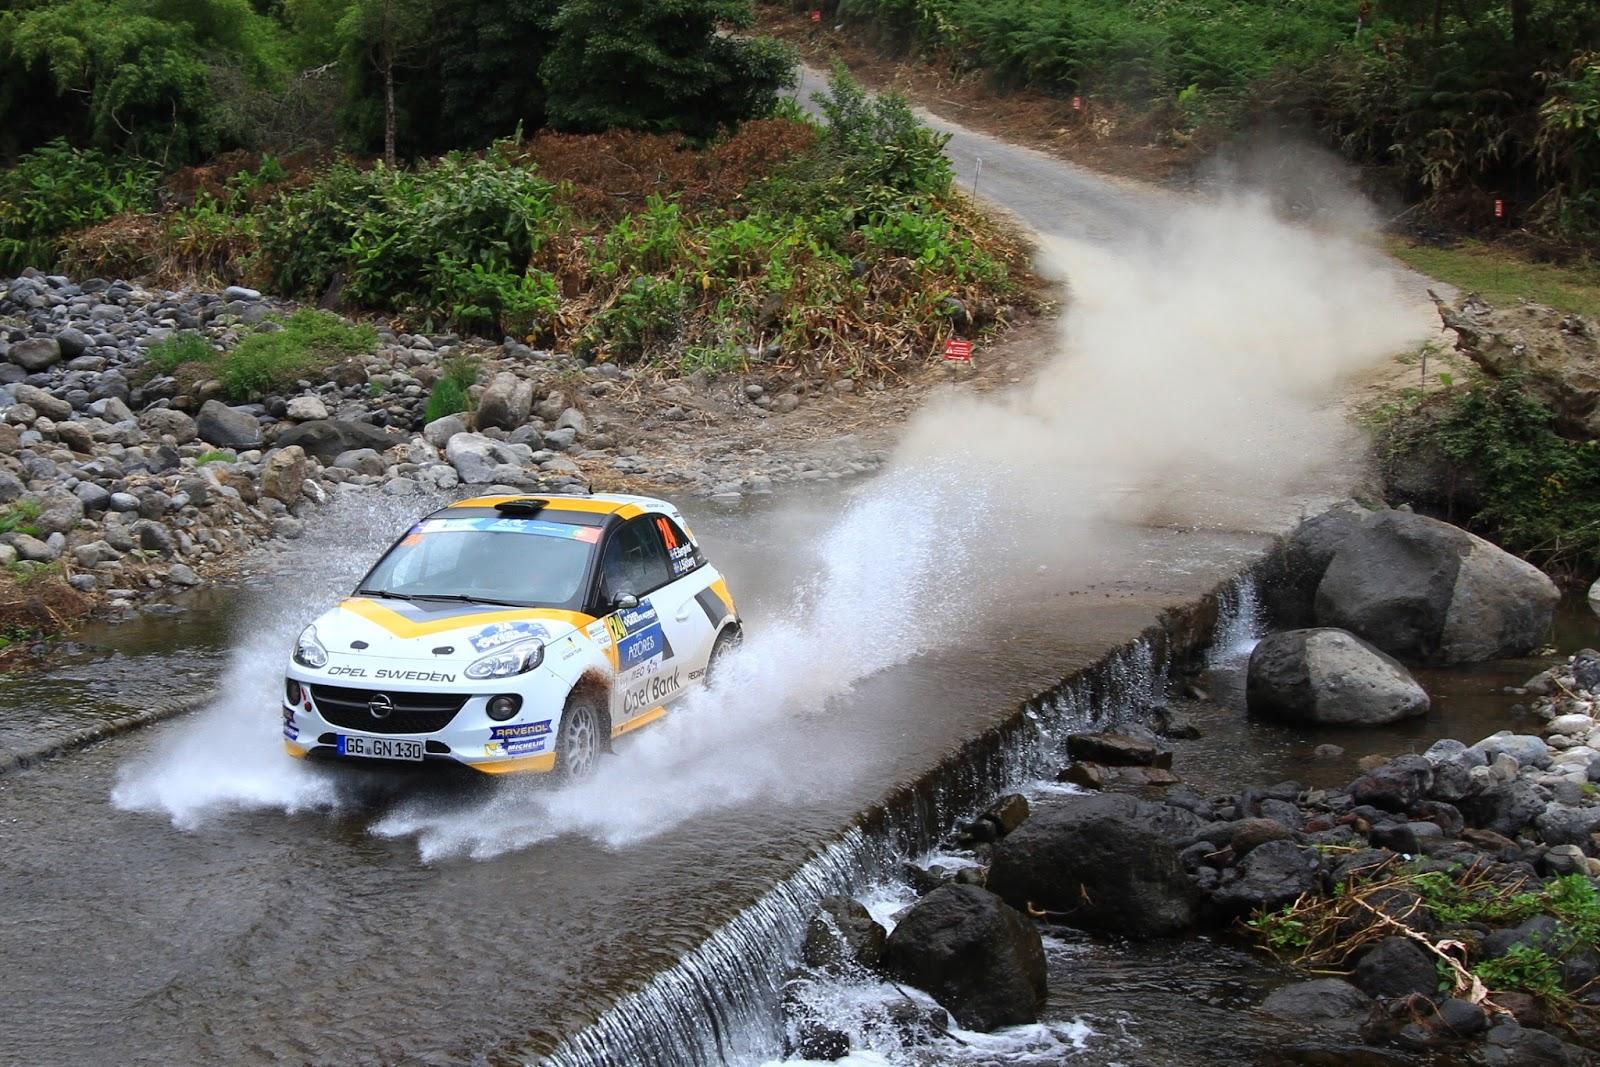 ADAC Opel Rallye Cup 2015 298099 Το Opel ADAM R2 αποδεικνύεται σε αγωνιστικό εργαλείο Opel, Opel ADAM, Opel ADAM R2, Rally